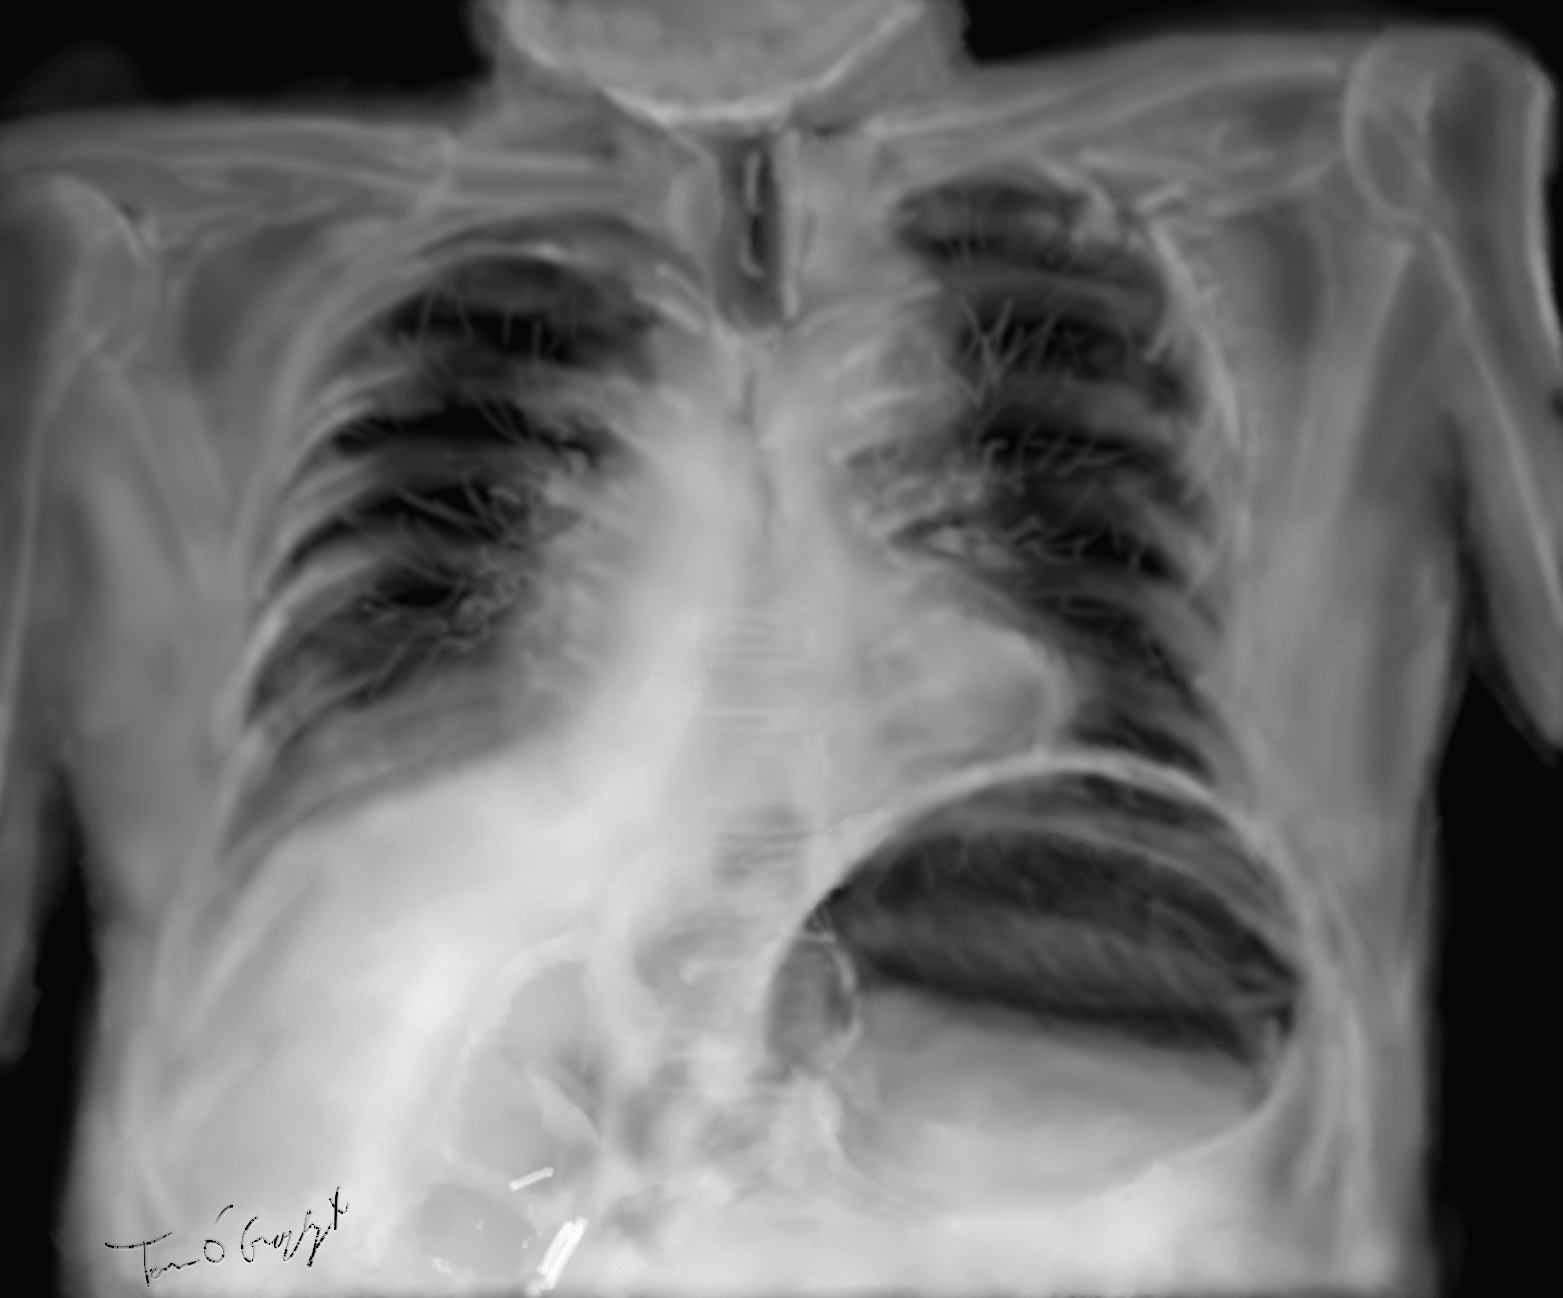 Dilatation aiguë de l'estomac, volvulus gastrique | thoracotomie